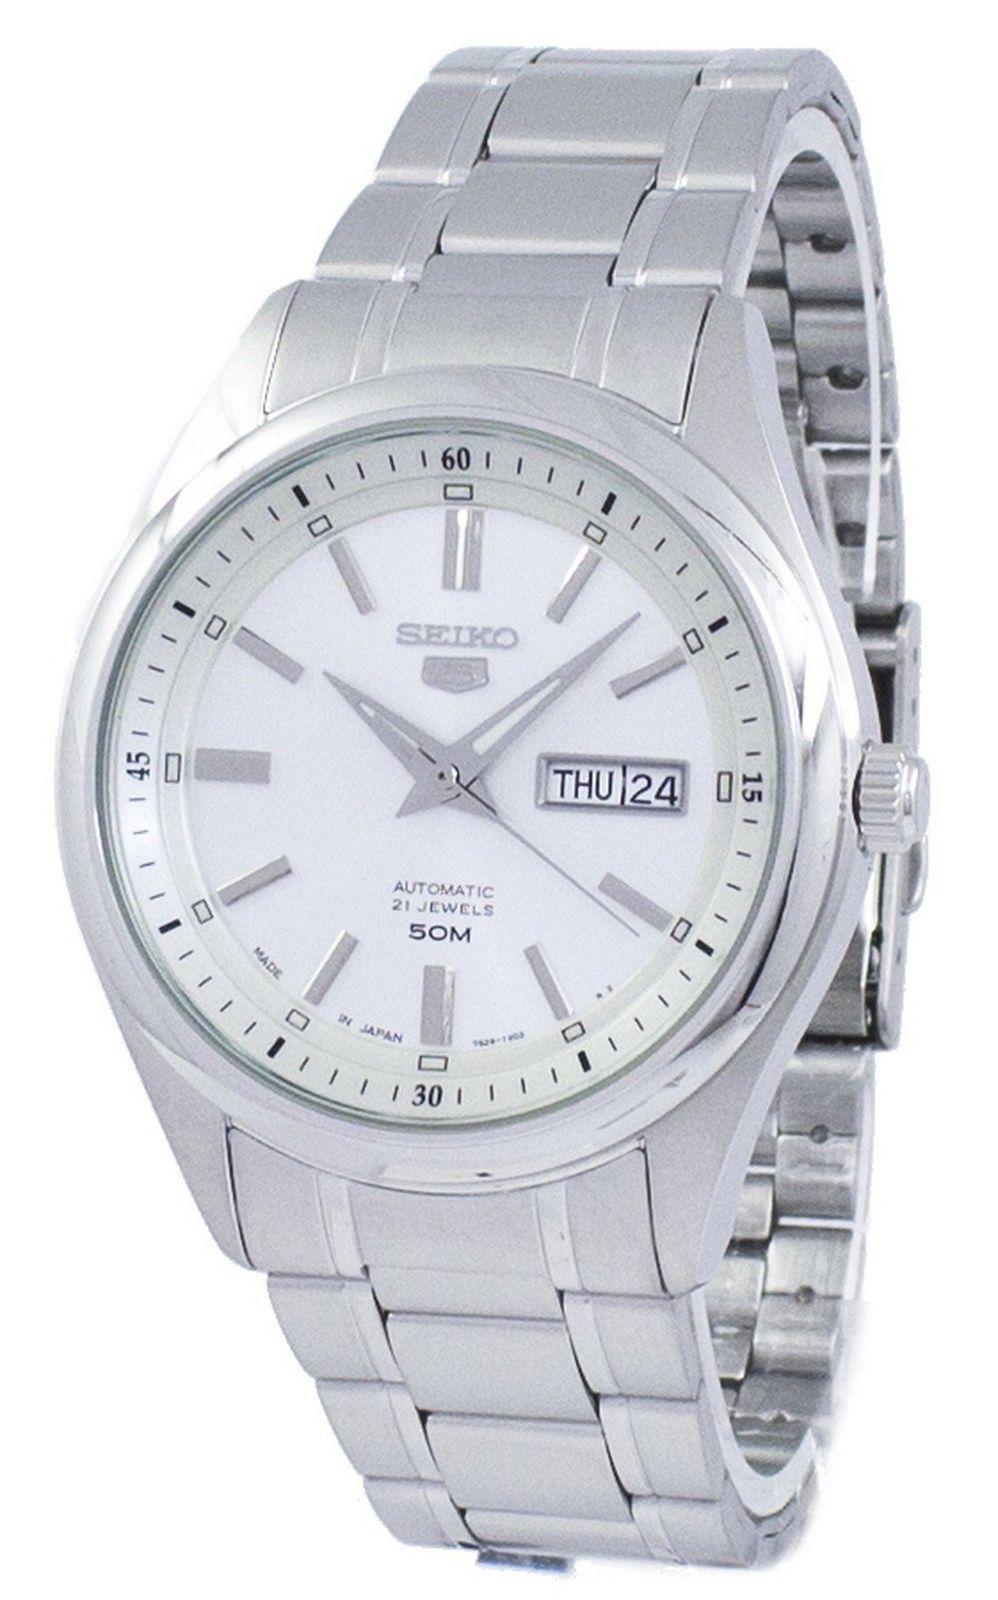 นาฬิกาผู้ชาย Seiko รุ่น SNKN85J1, Seiko 5 Sports Automatic Japan Made Men's Watch